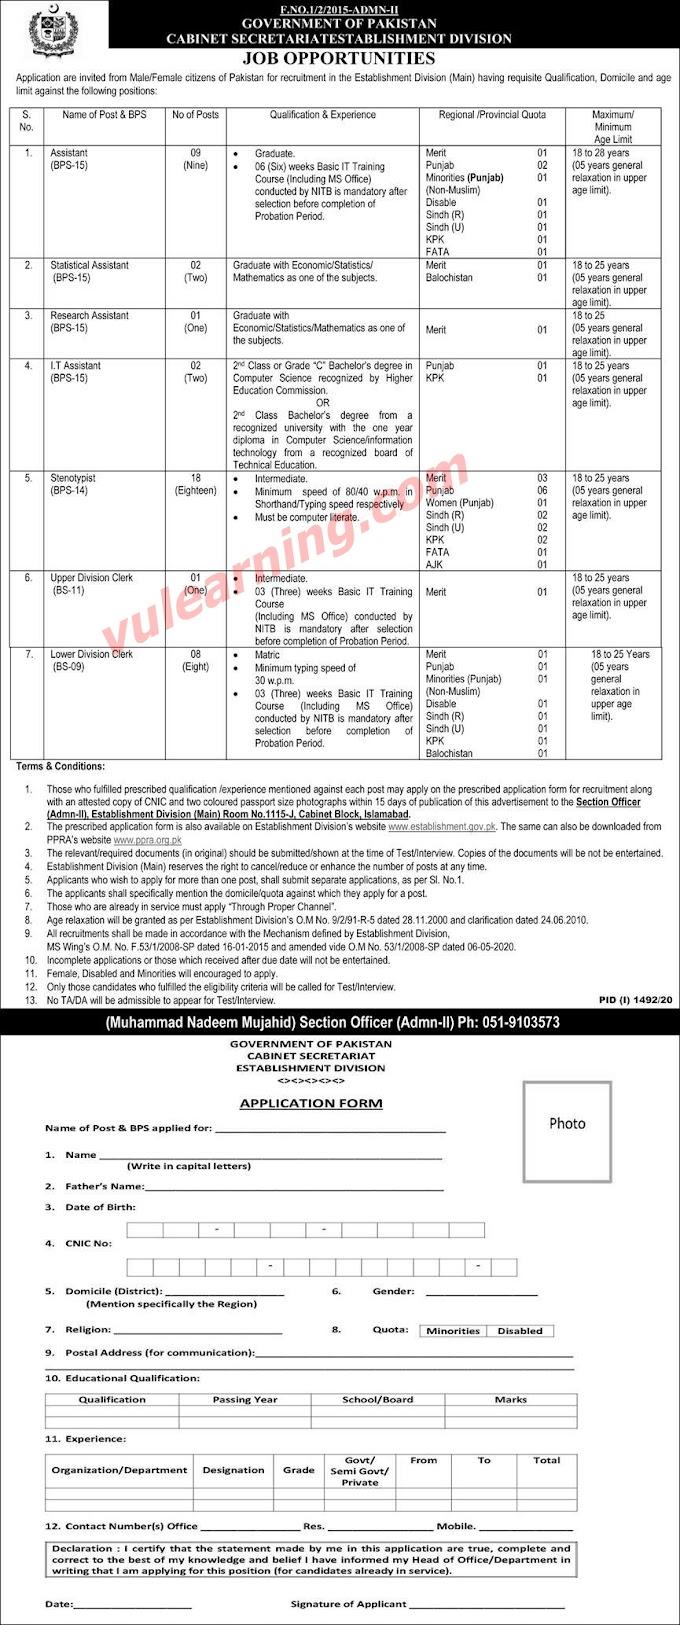 Cabinet Secretariat Establishment Division Jobs 2020